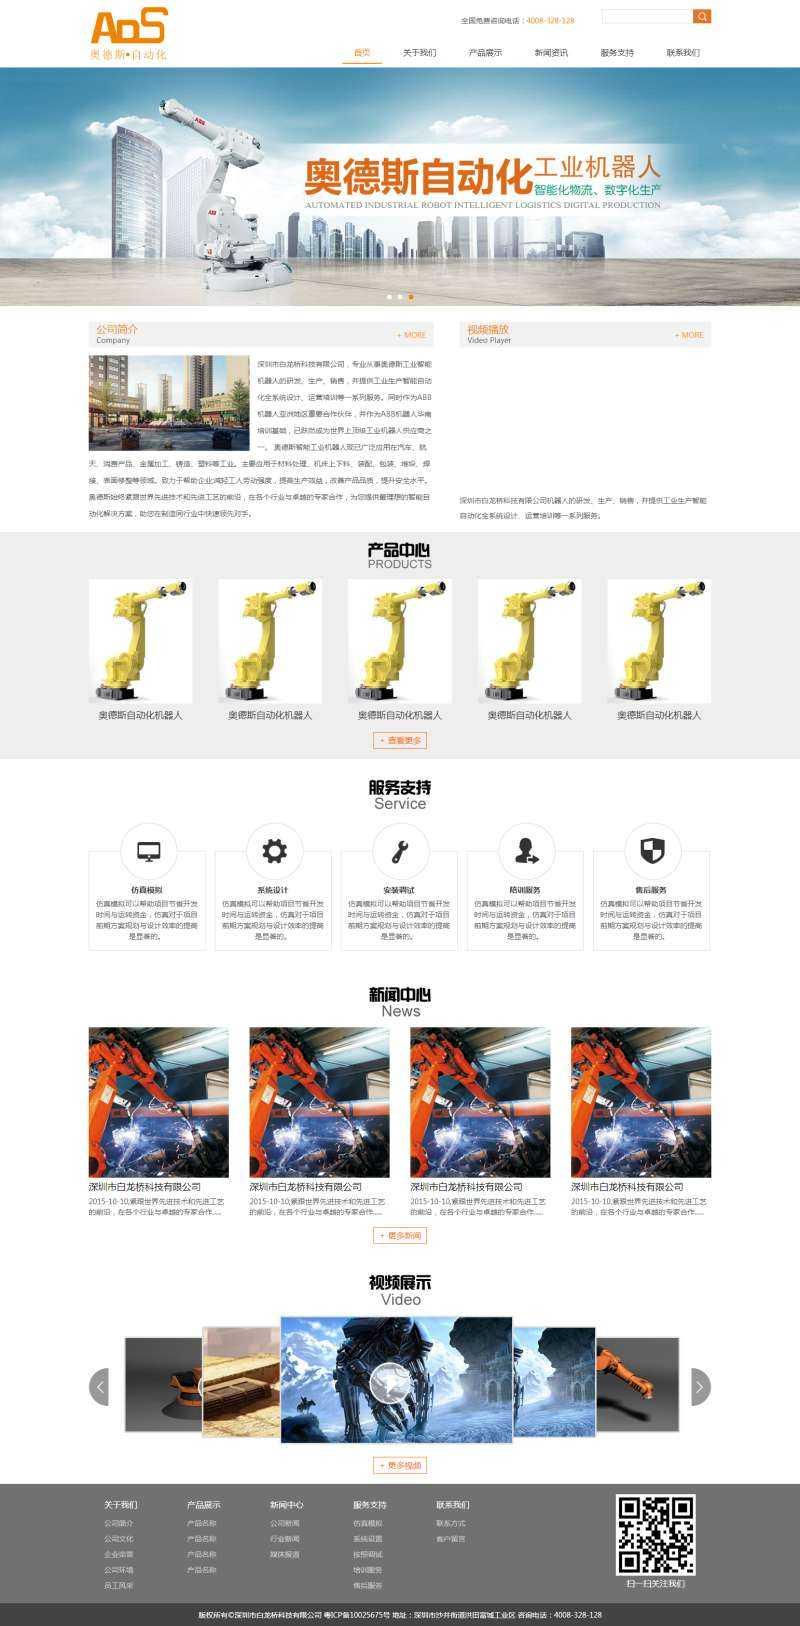 橙色响应式白龙桥机械设备公司网站模板